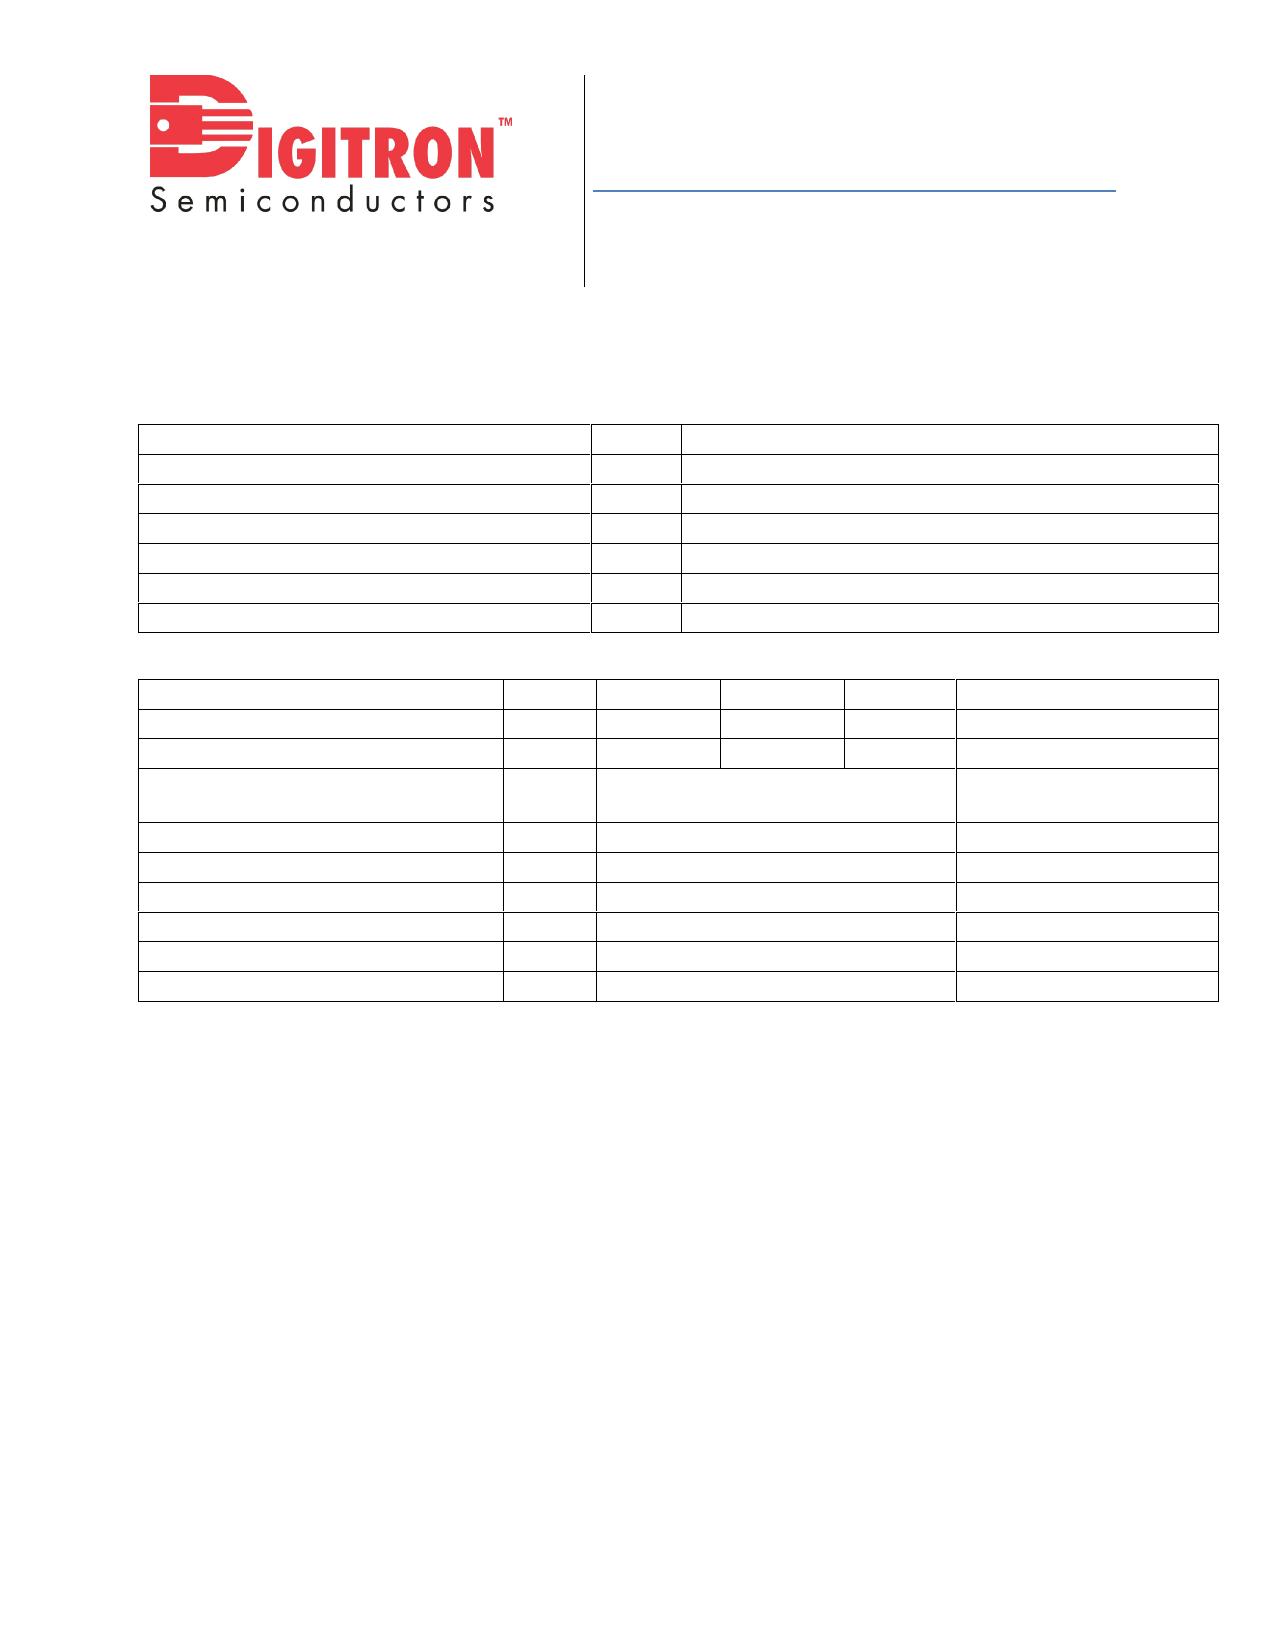 UFR10270 데이터시트 및 UFR10270 PDF